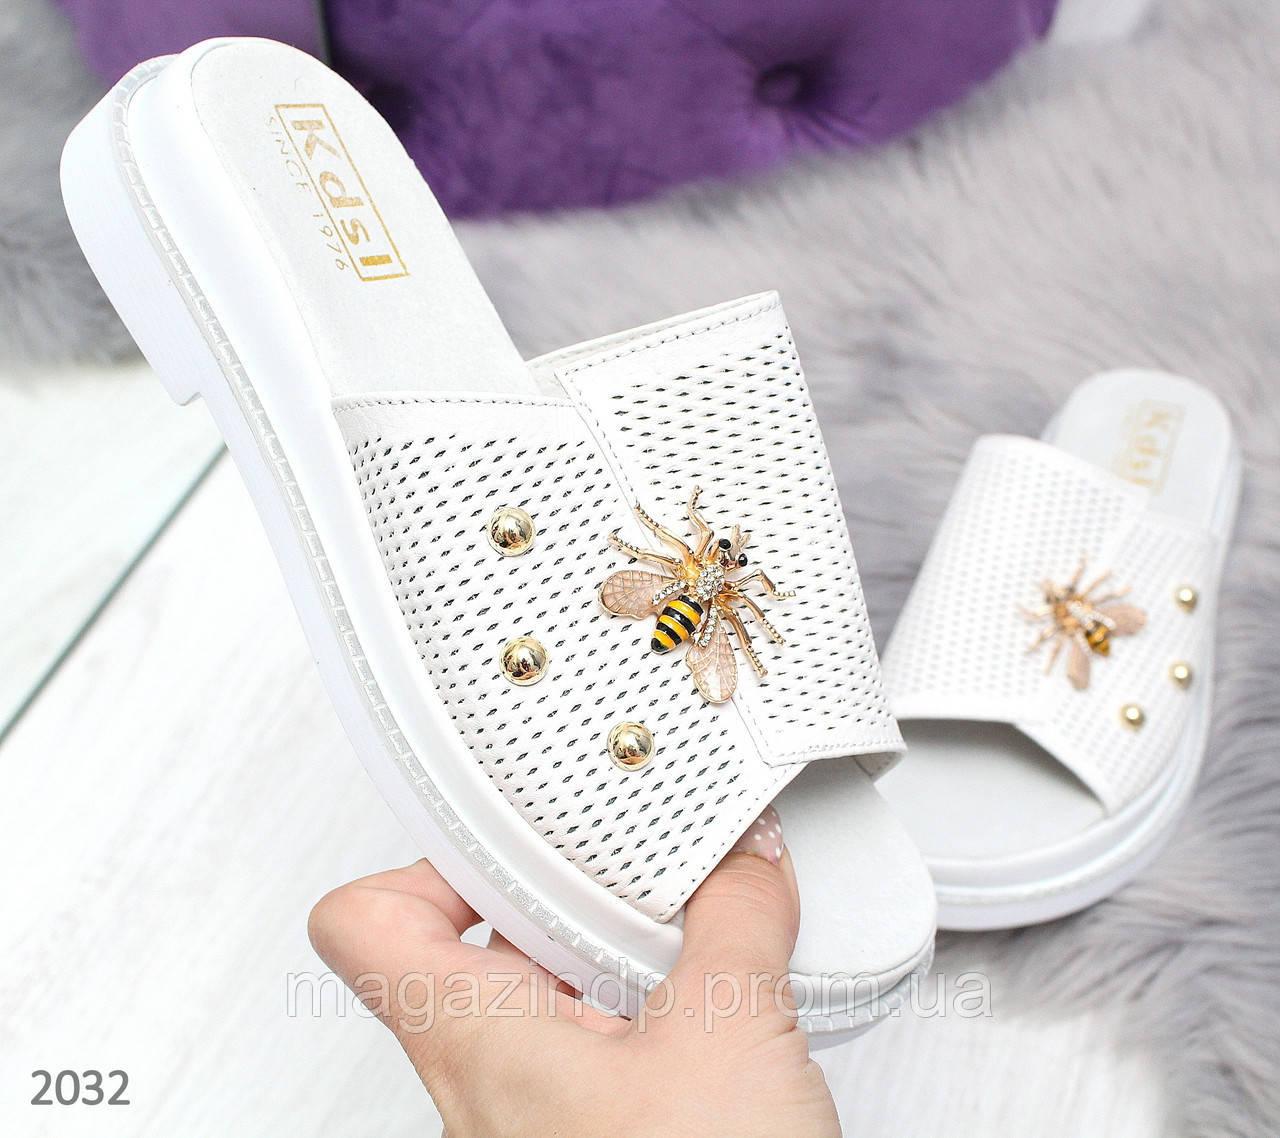 Белые женские шлепки из натуральной кожи Код:978026238